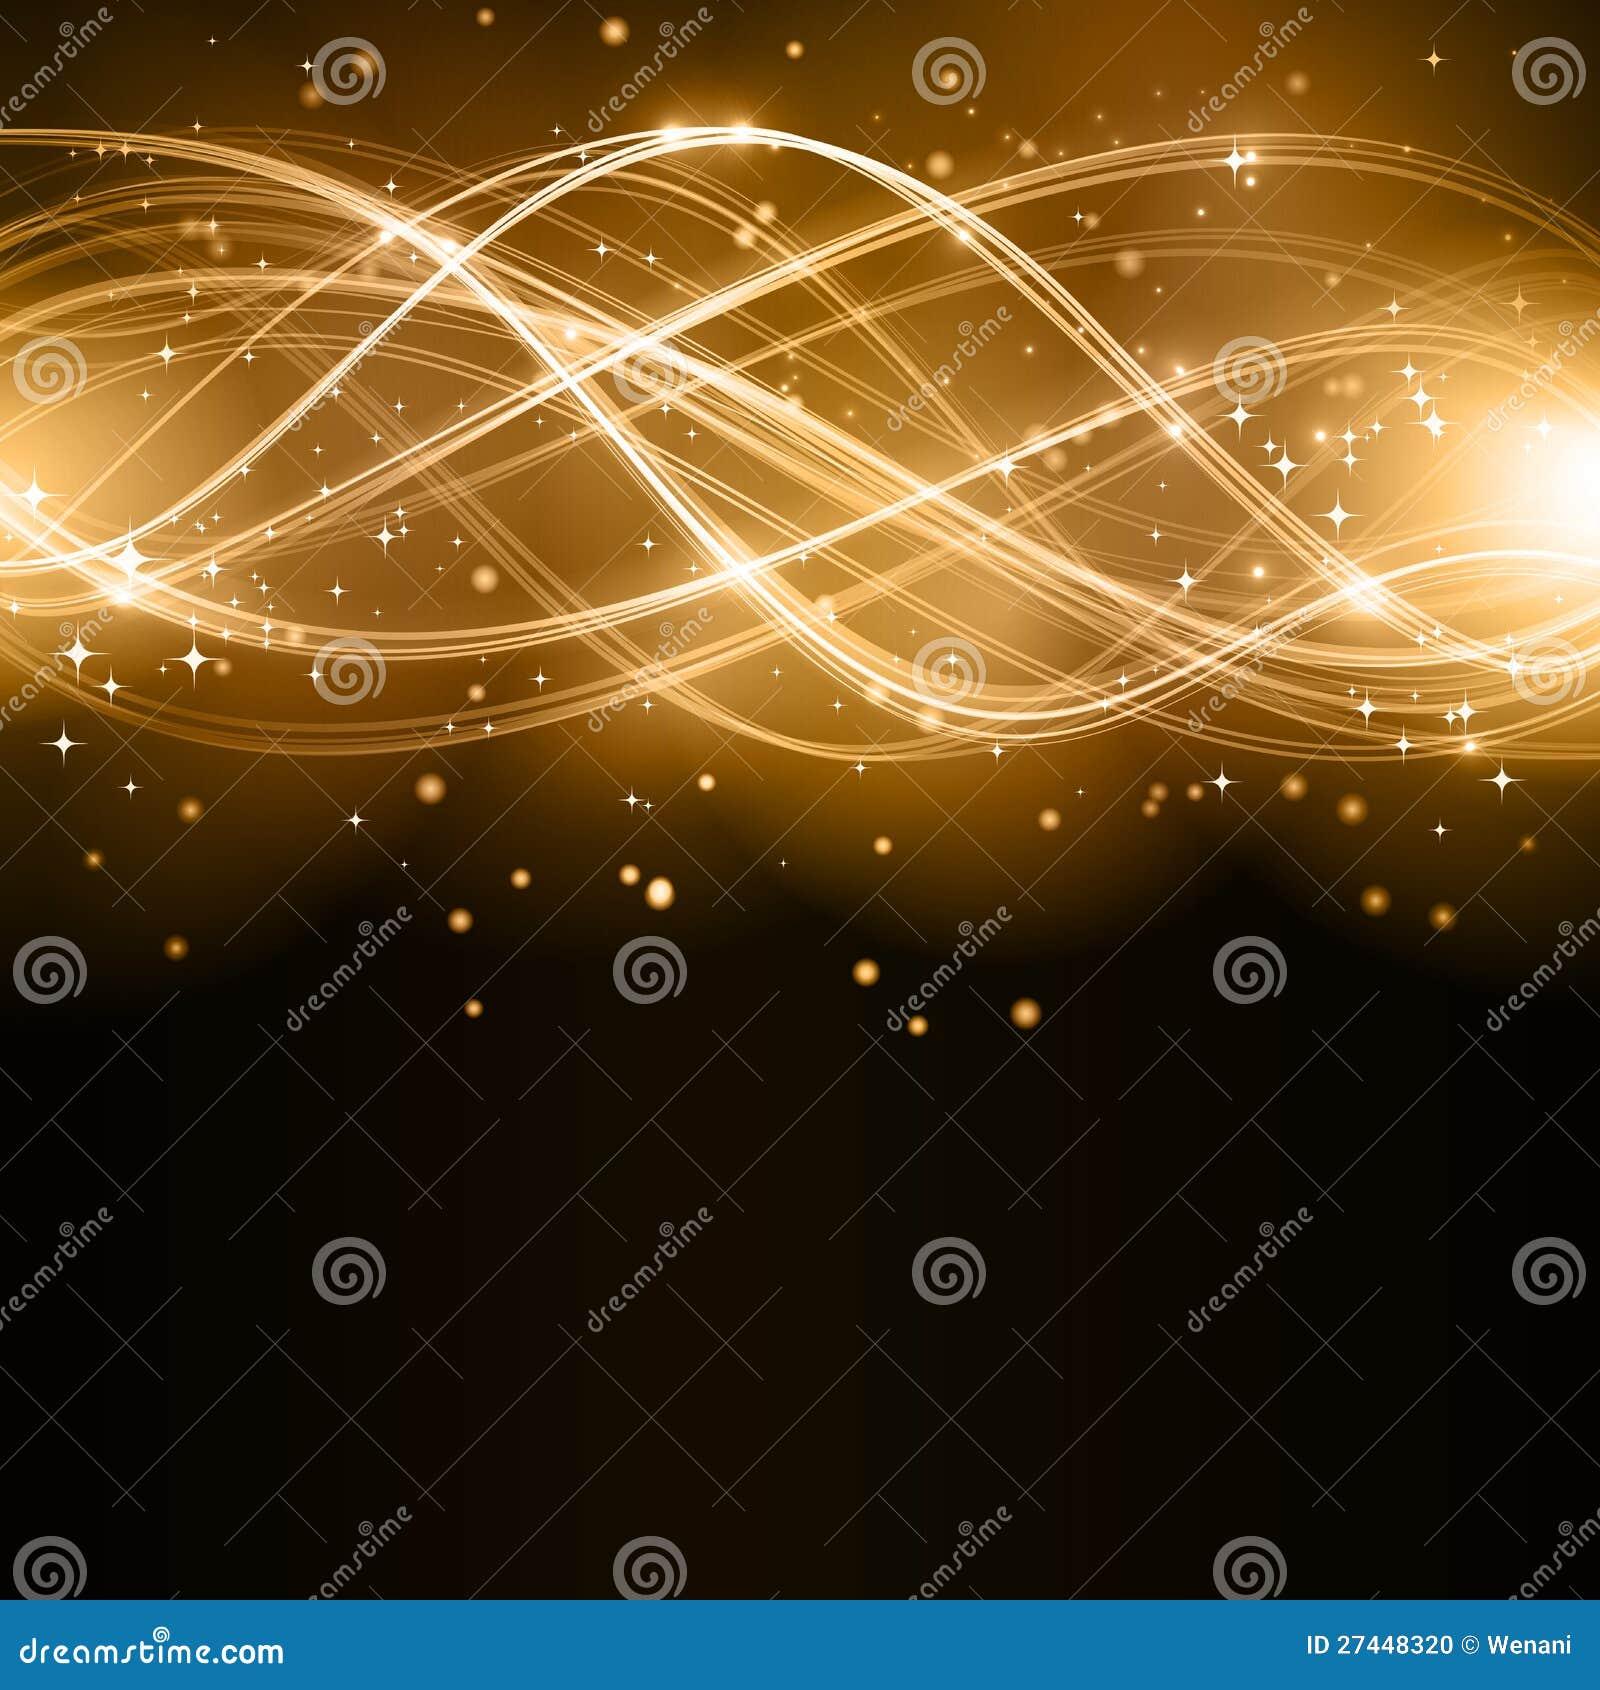 abstractstars abstract stars patterns - photo #2